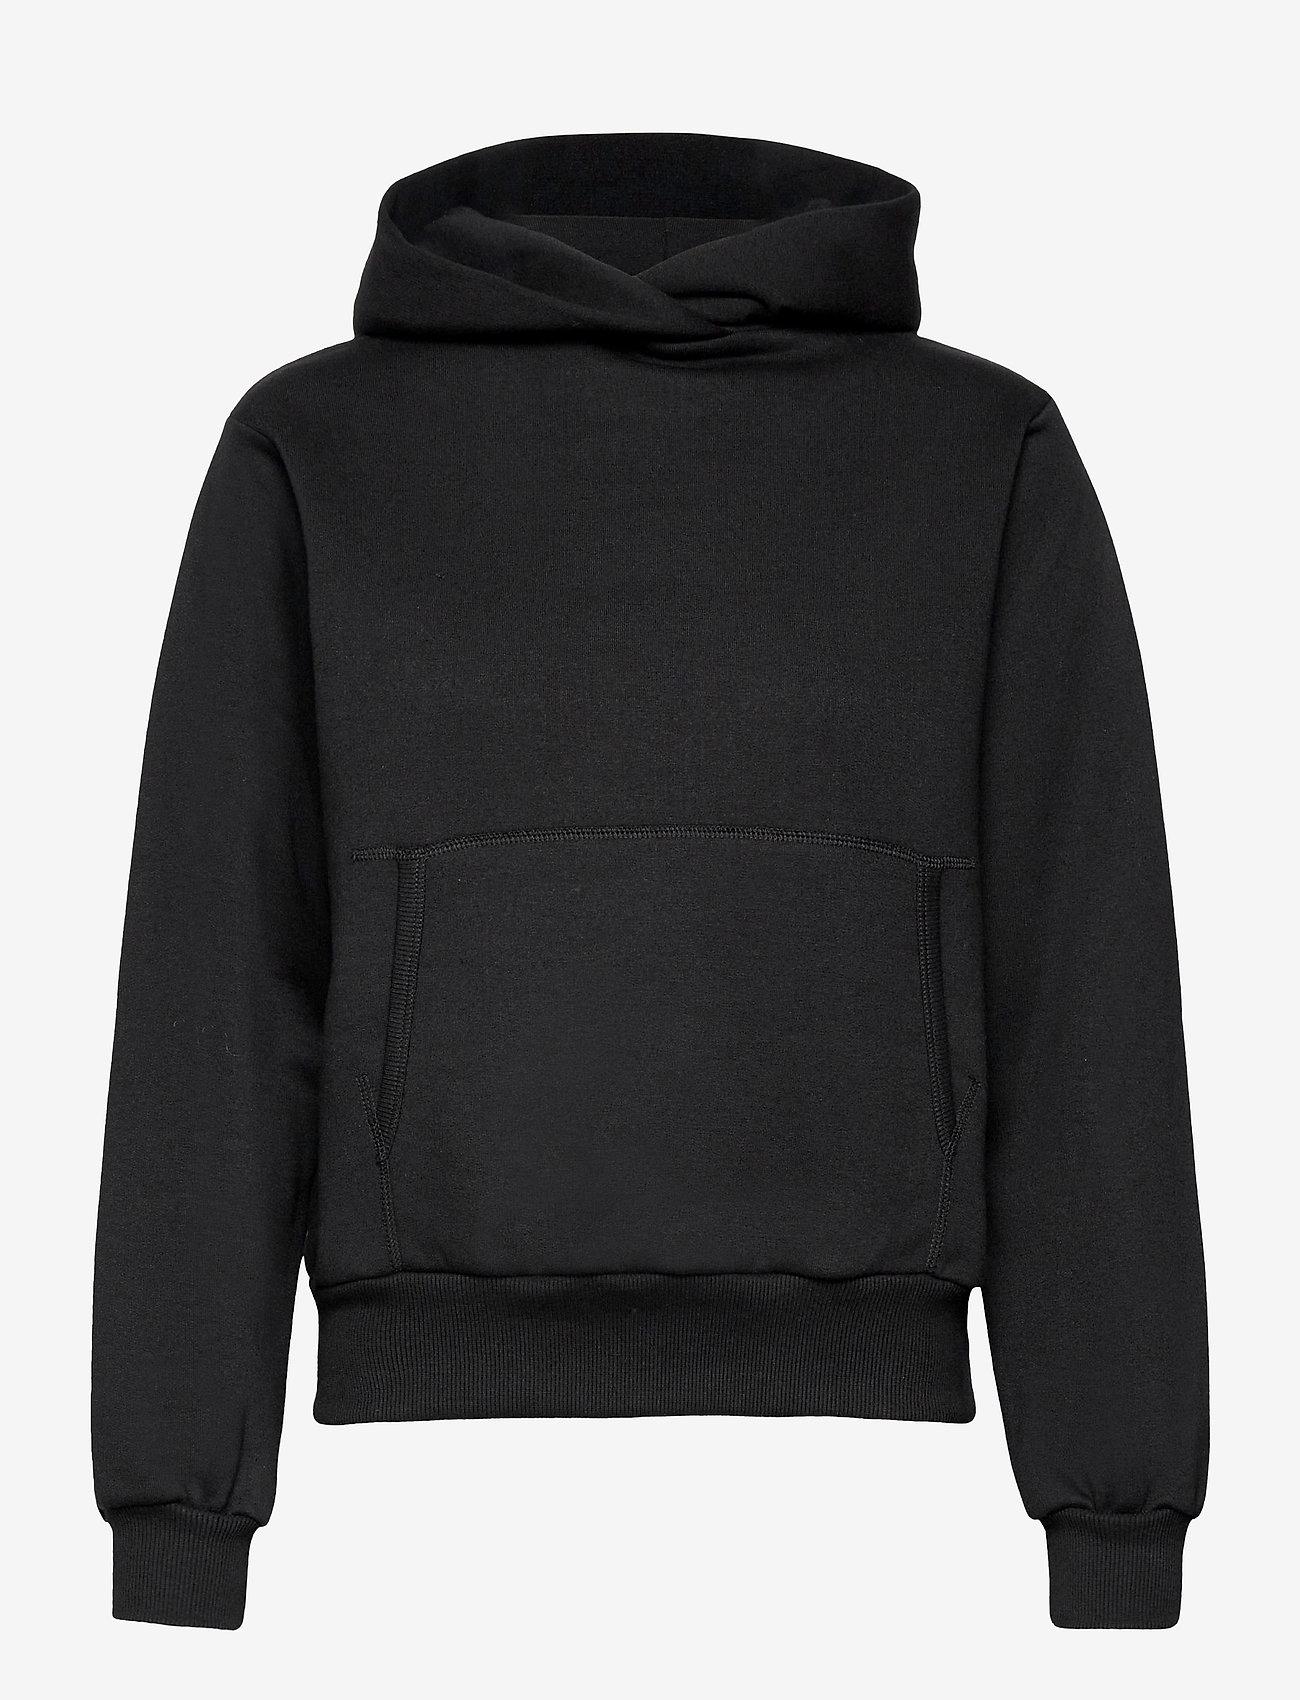 RODEBJER - RODEBJER MONOGRAM - sweatshirts & hættetrøjer - black - 0